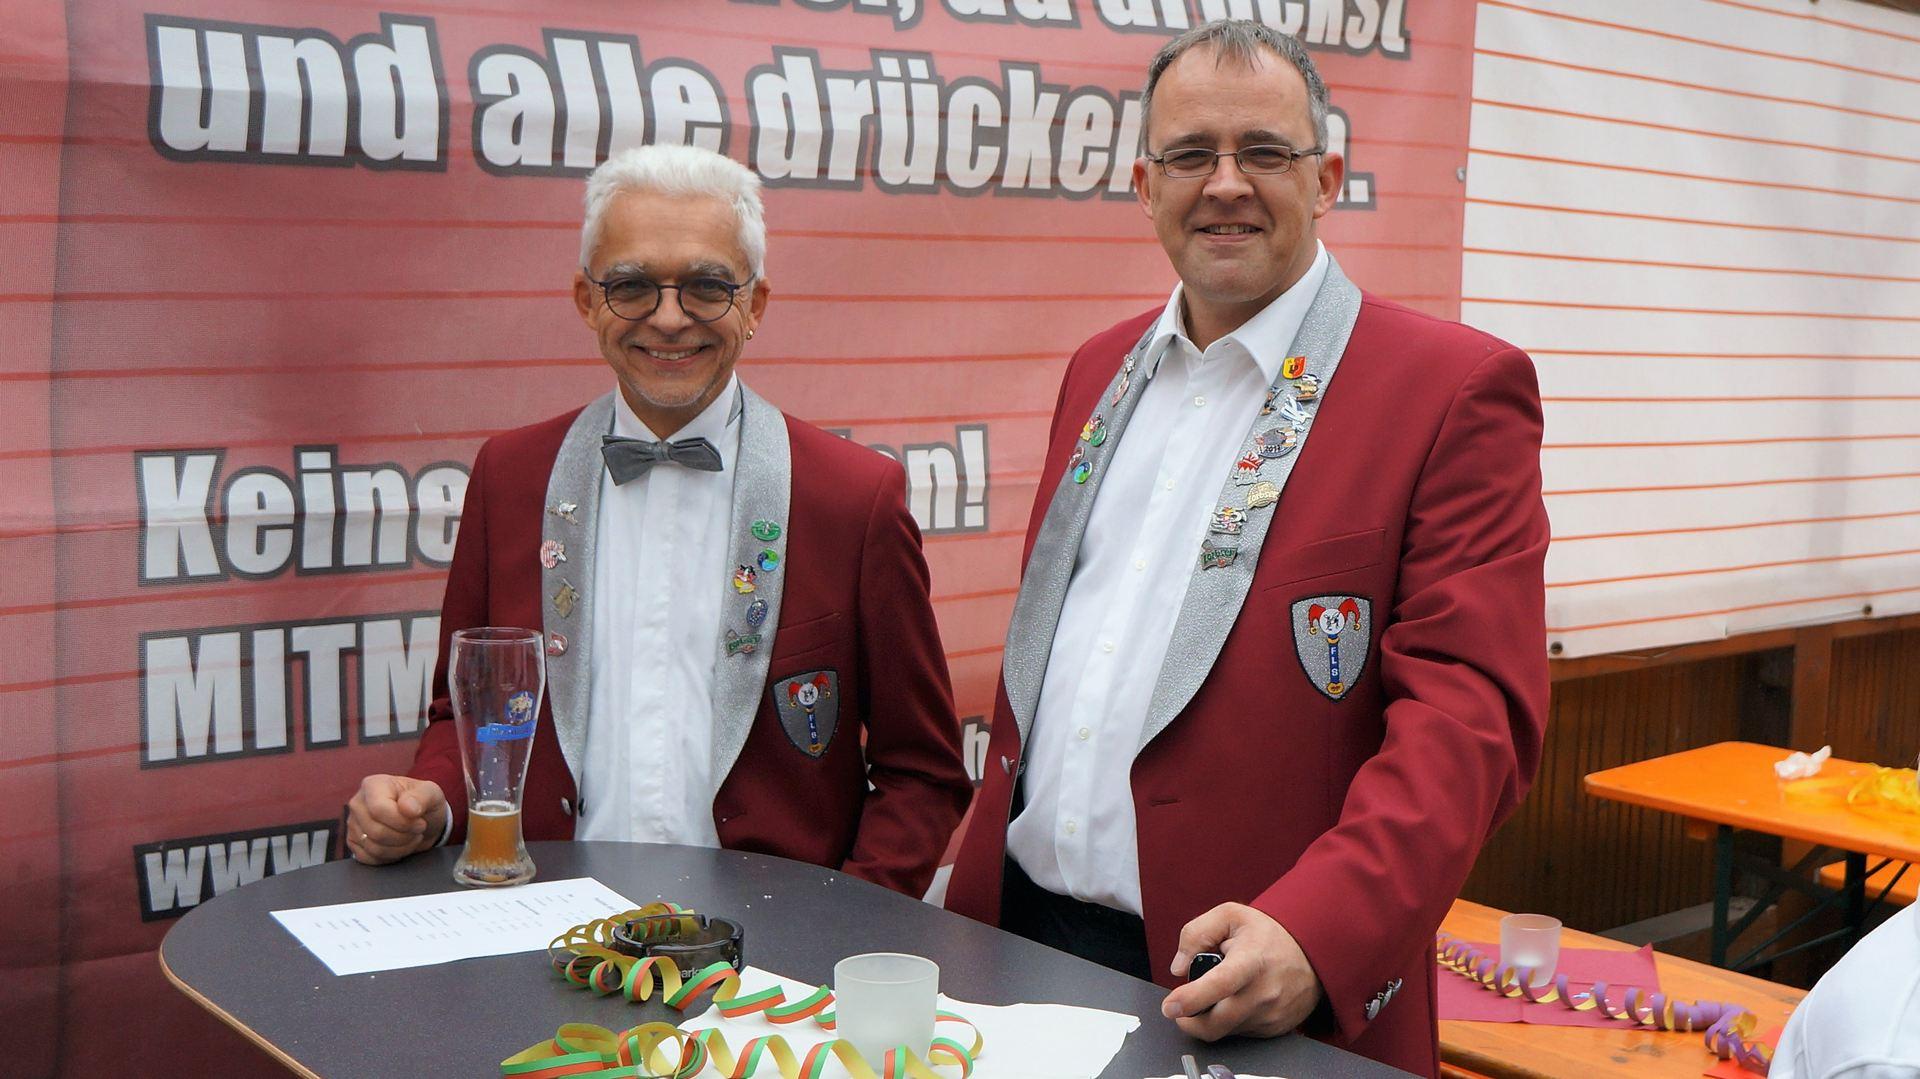 Erster Kassier Dietmar Bratge und Vorstand Dirk Malinka beim Rathaussturm 2017